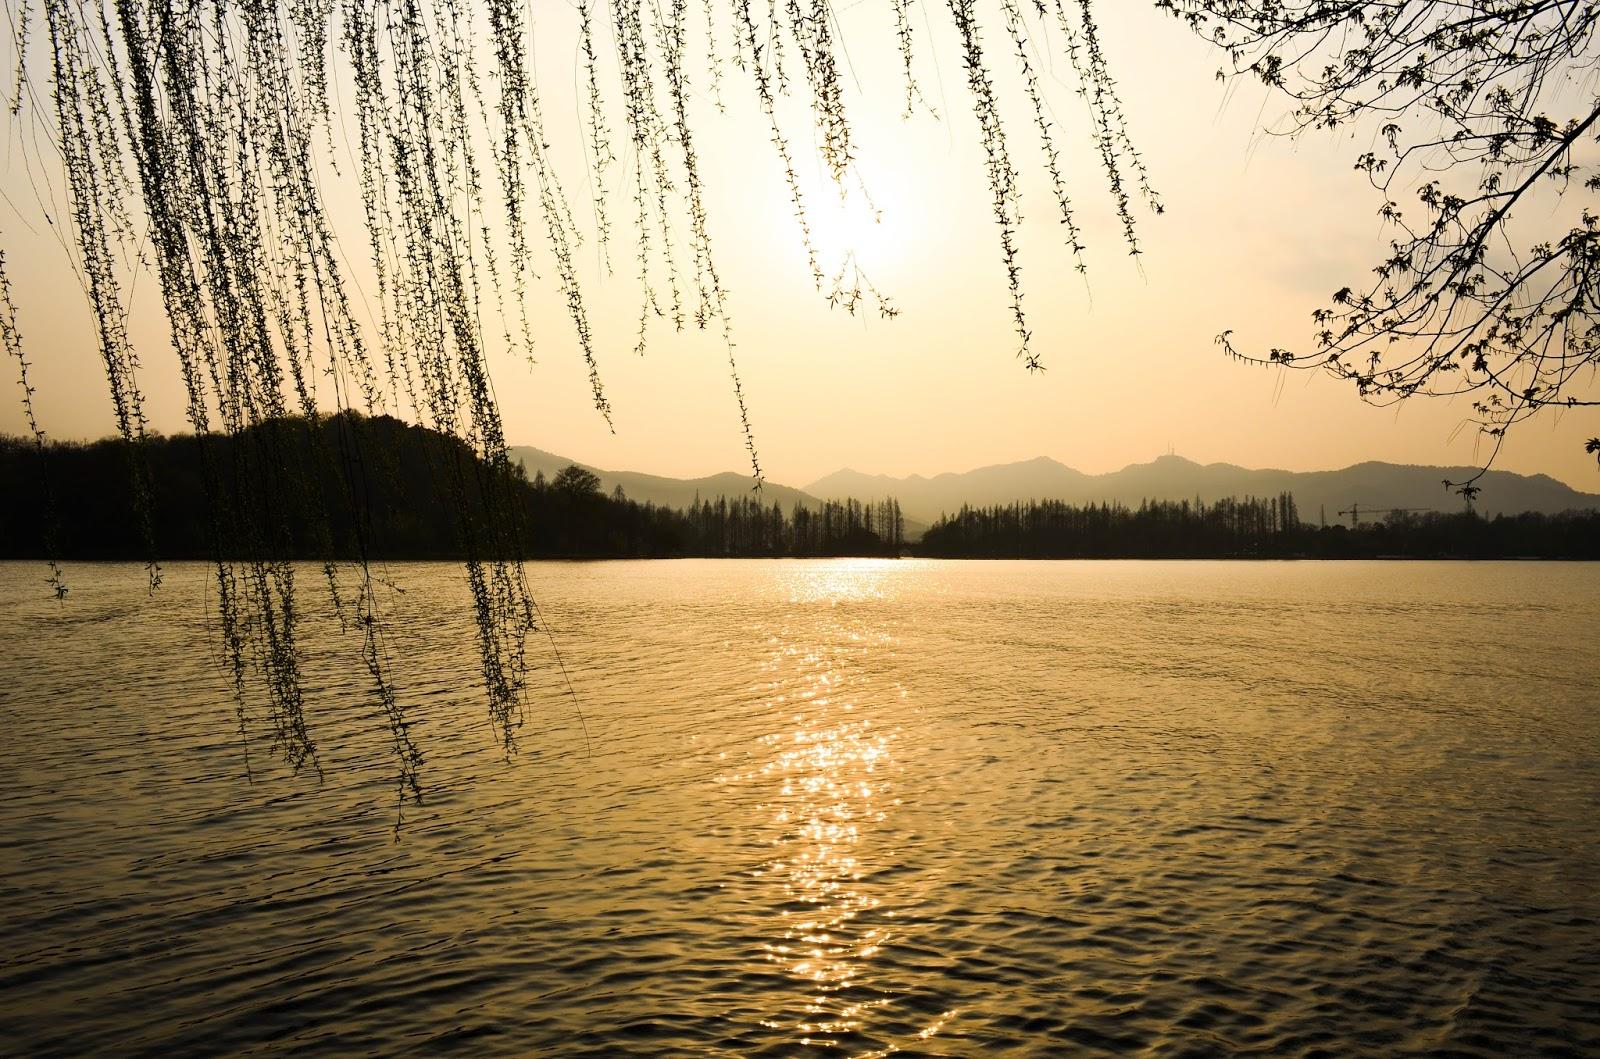 sunset in hangzhou lake